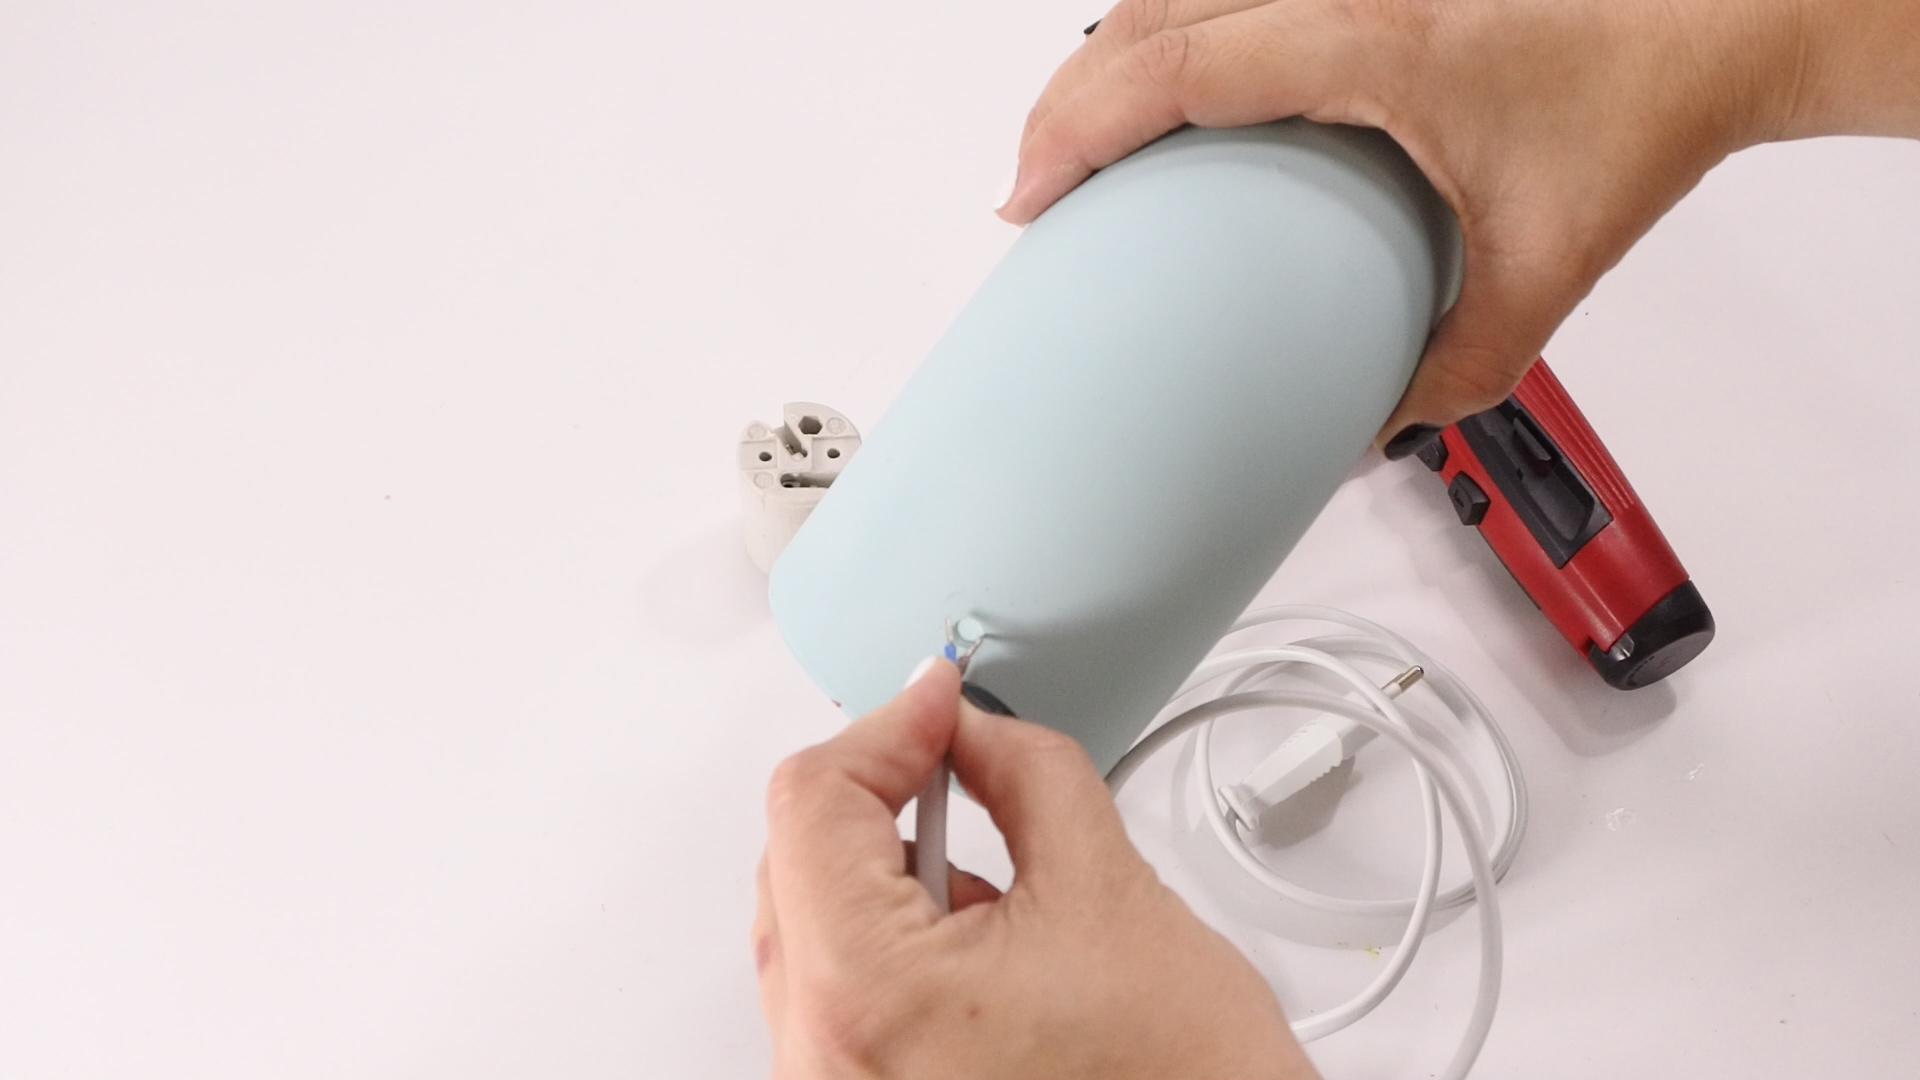 DIY CODOS PVC.Imagen fija013